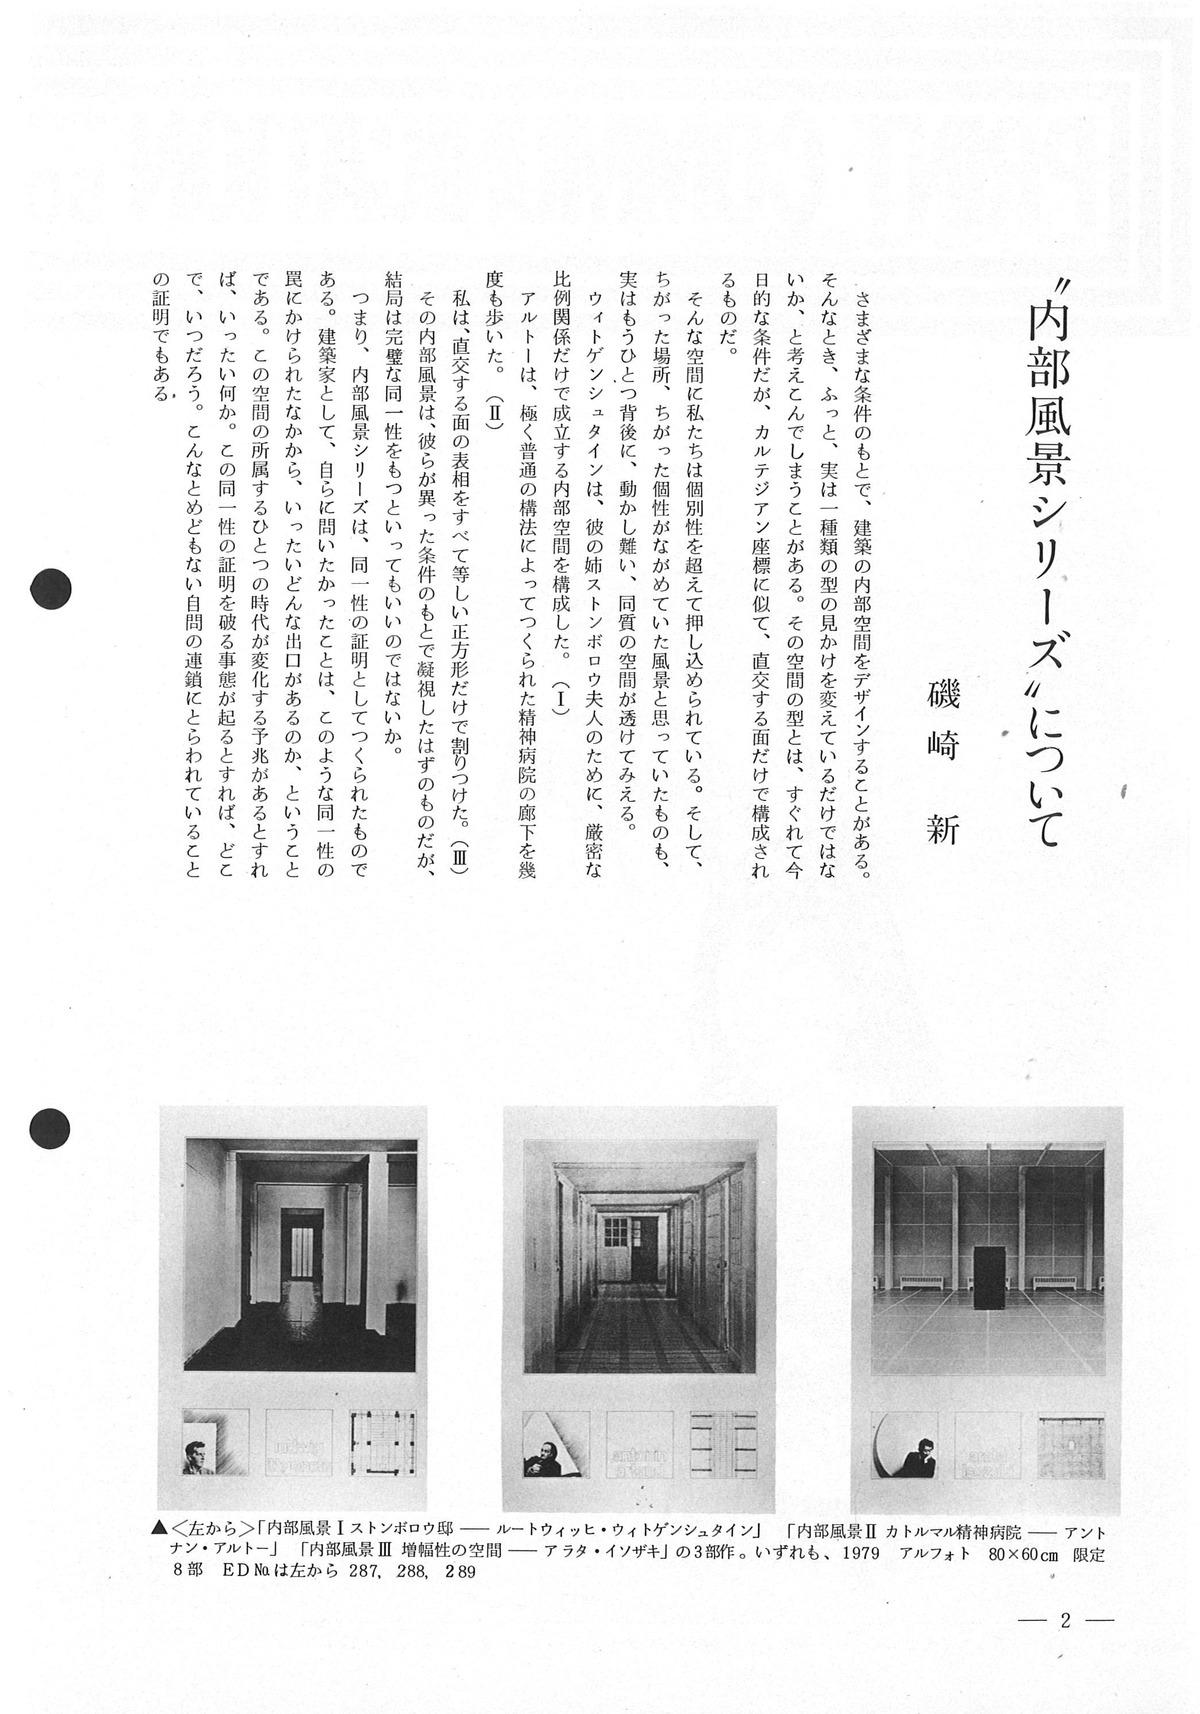 1979年9月版画センターニュース9月号磯崎